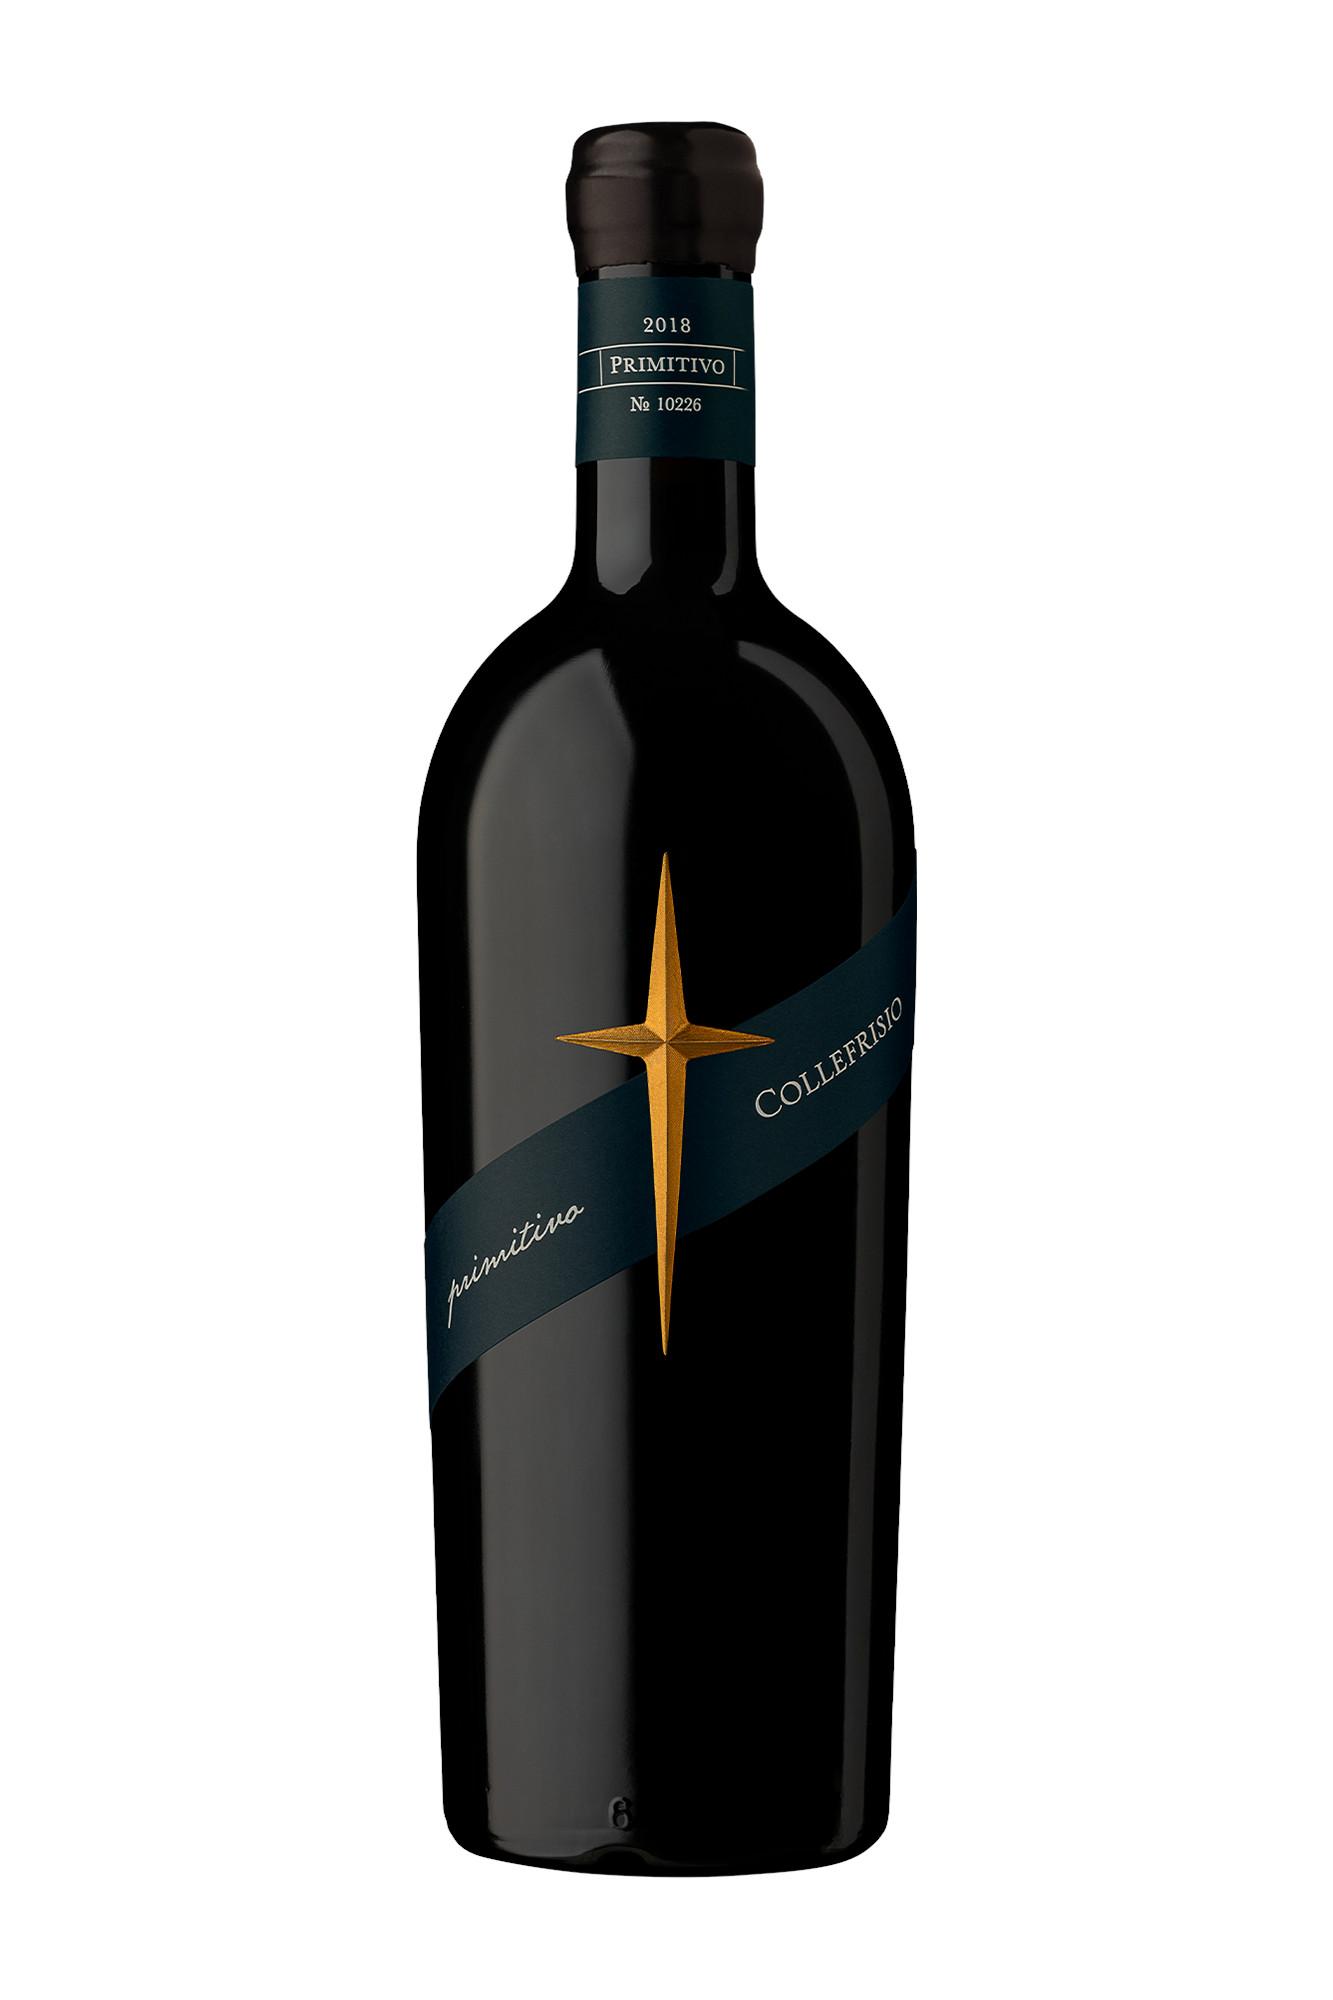 collefrisio-vini-rosso-primitivo-igt-salento-bottiglia